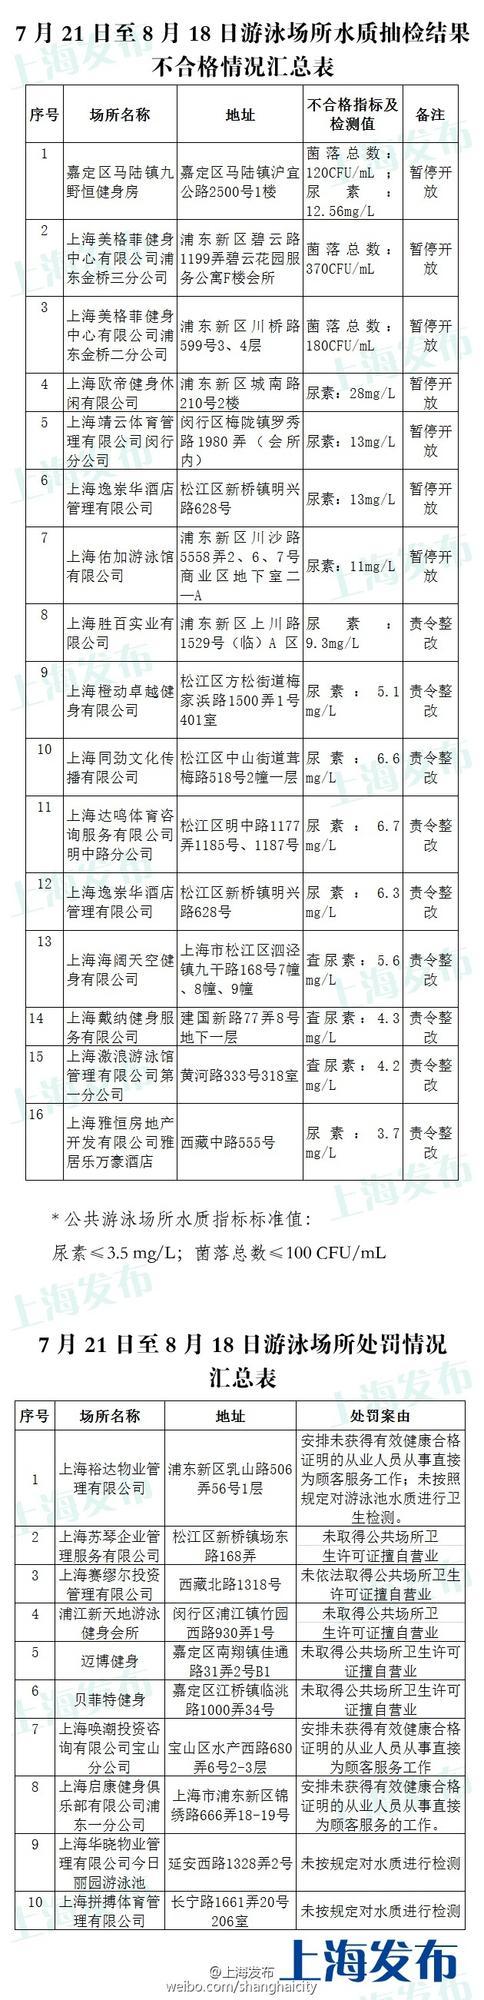 上海抽查泳池水质:16家尿素或菌落总数超标